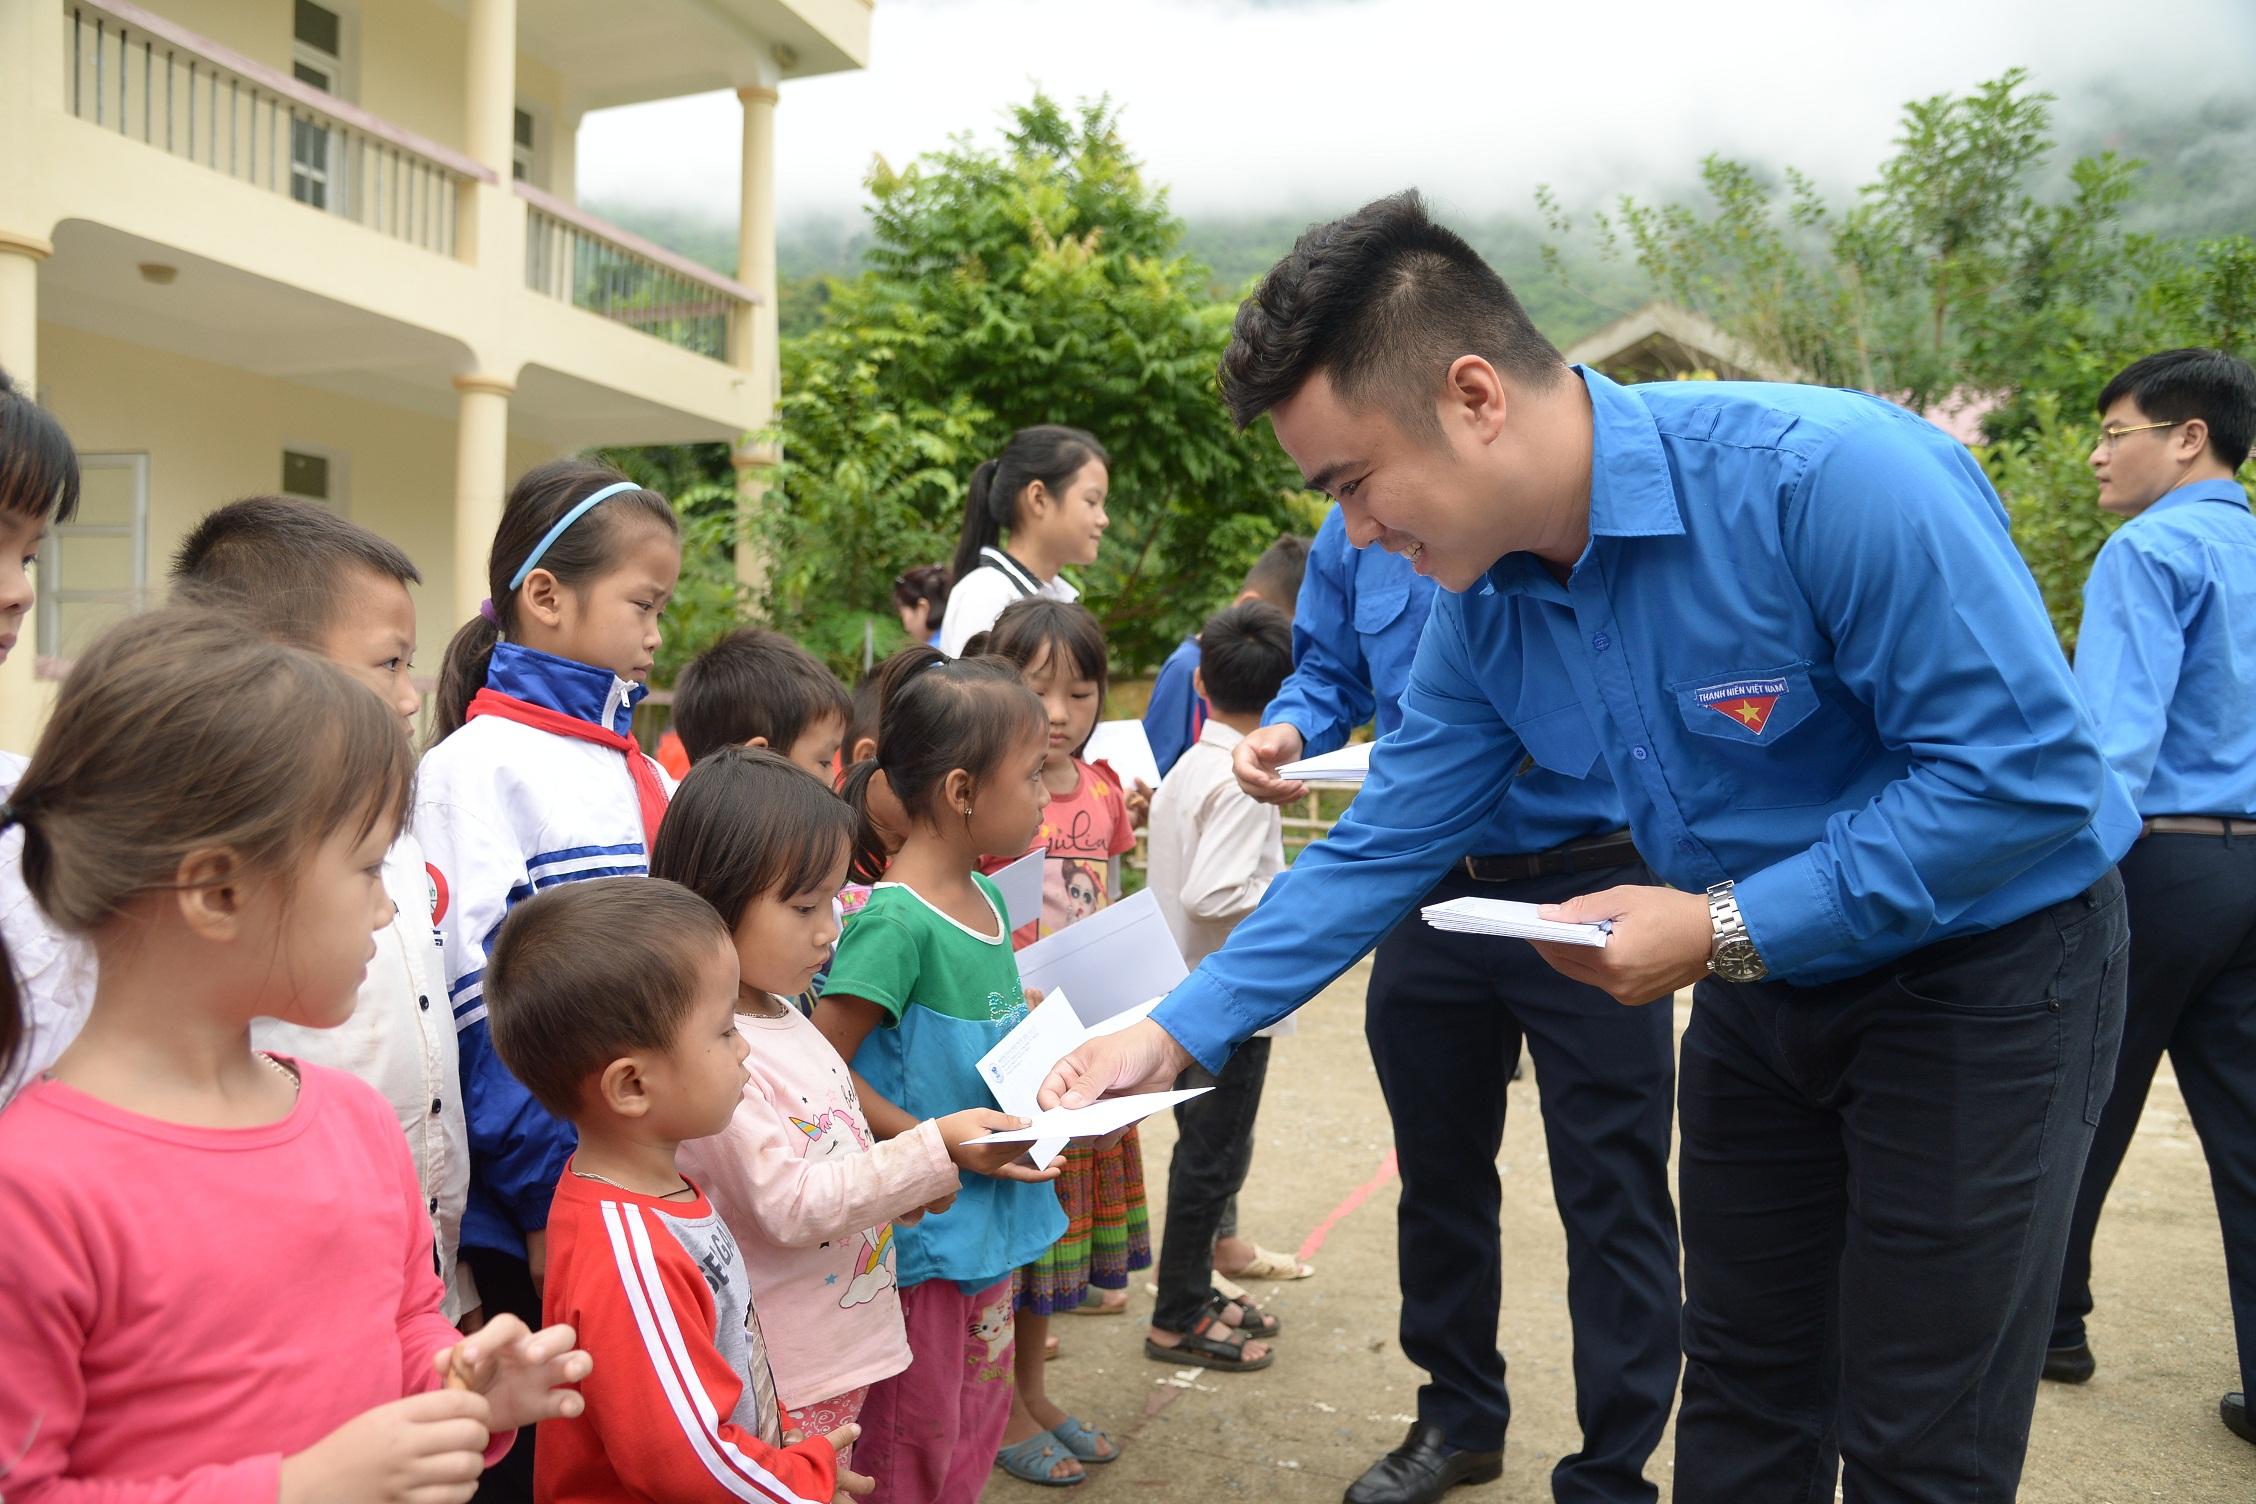 Chùm ảnh hoạt động thiện nguyện của Đoàn thanh niên Kiểm toán nhà nước tại tỉnh Thanh Hóa và Hòa Bình